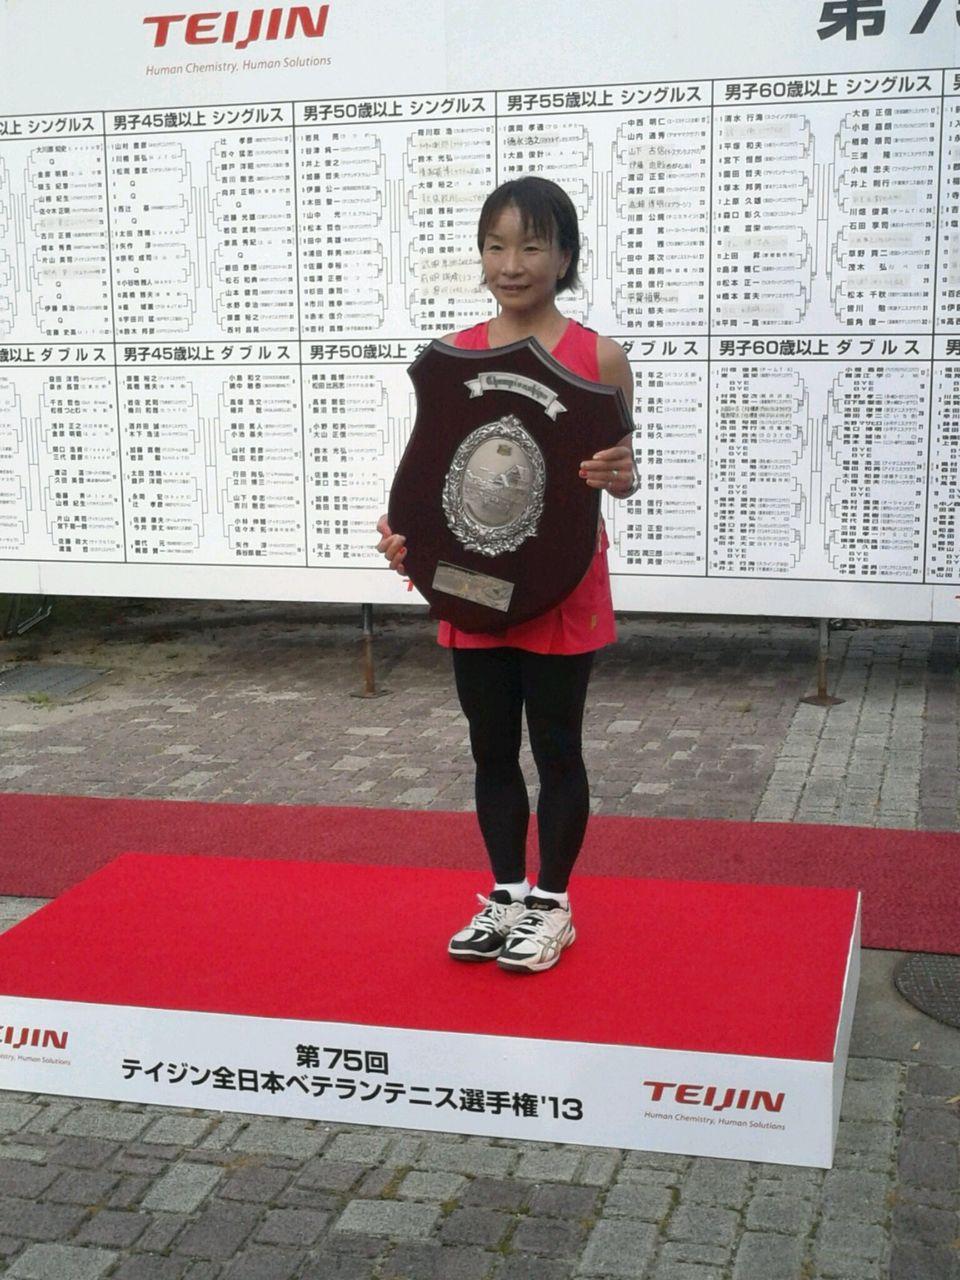 全日本 ベテラン テニス 選手権 2019